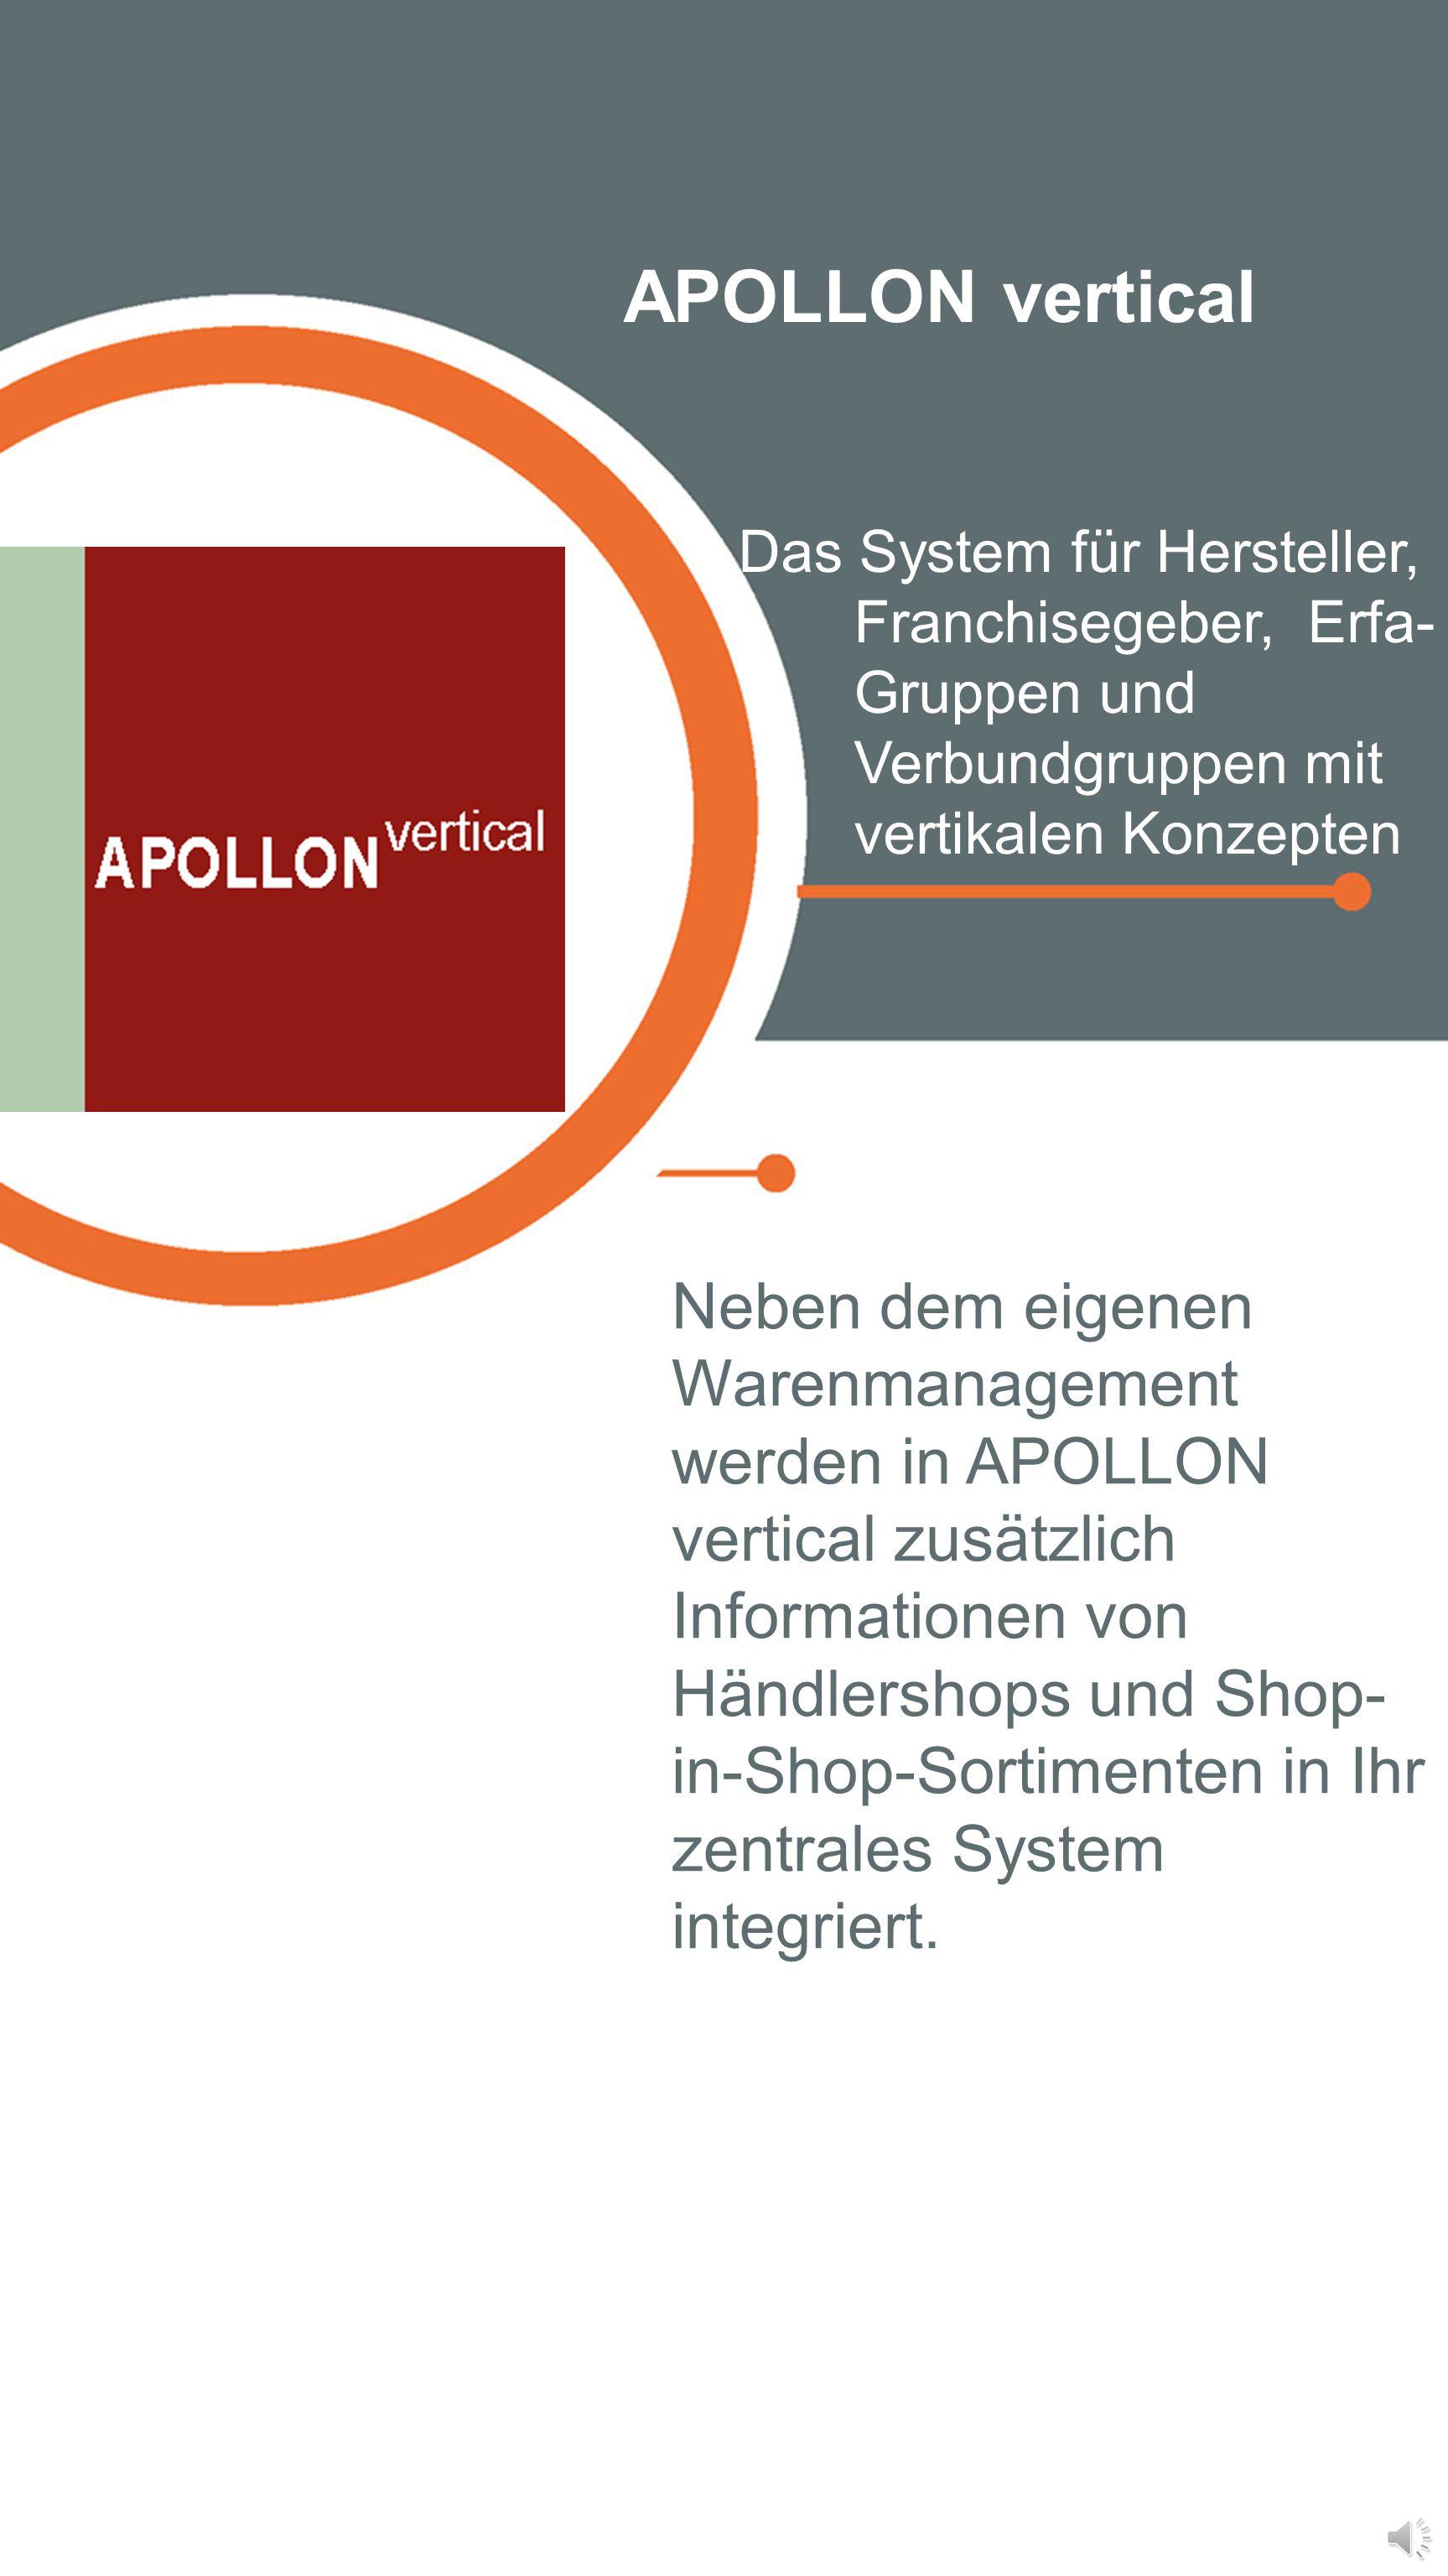 APOLLON vertical Das System für Hersteller, Franchisegeber, Erfa-Gruppen und Verbundgruppen mit vertikalen Konzepten.